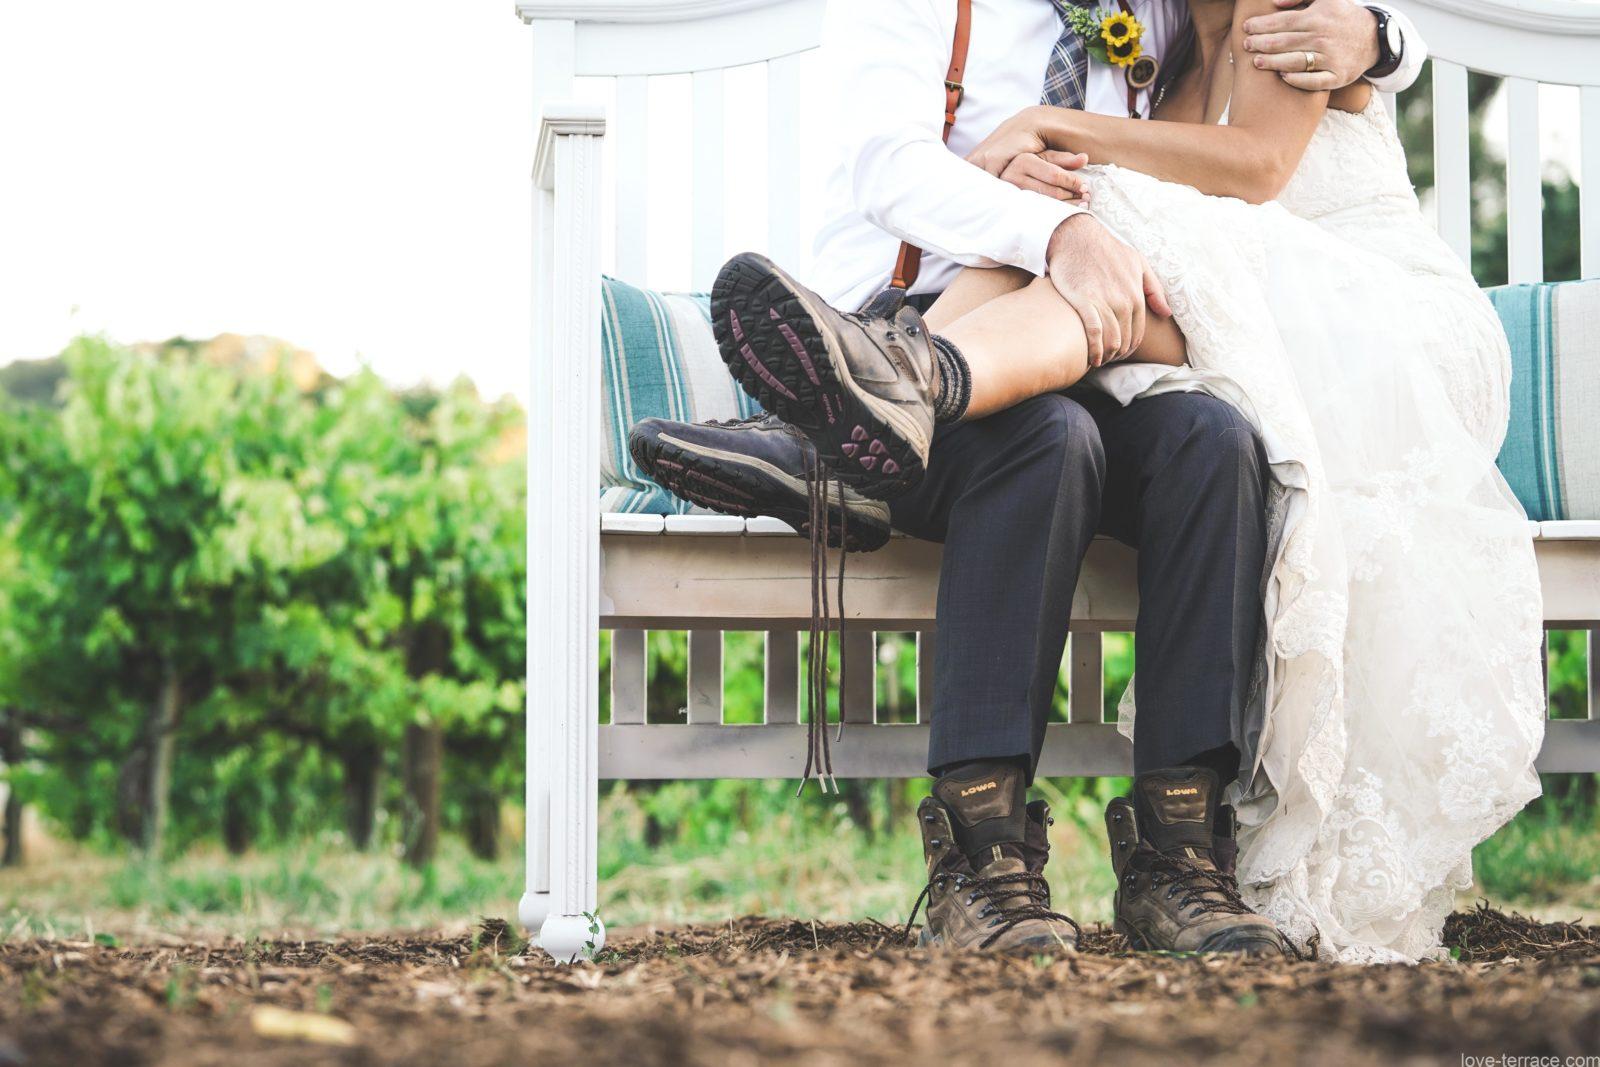 結婚したい人必見!結婚できない原因と結婚する具体的な方法を解説